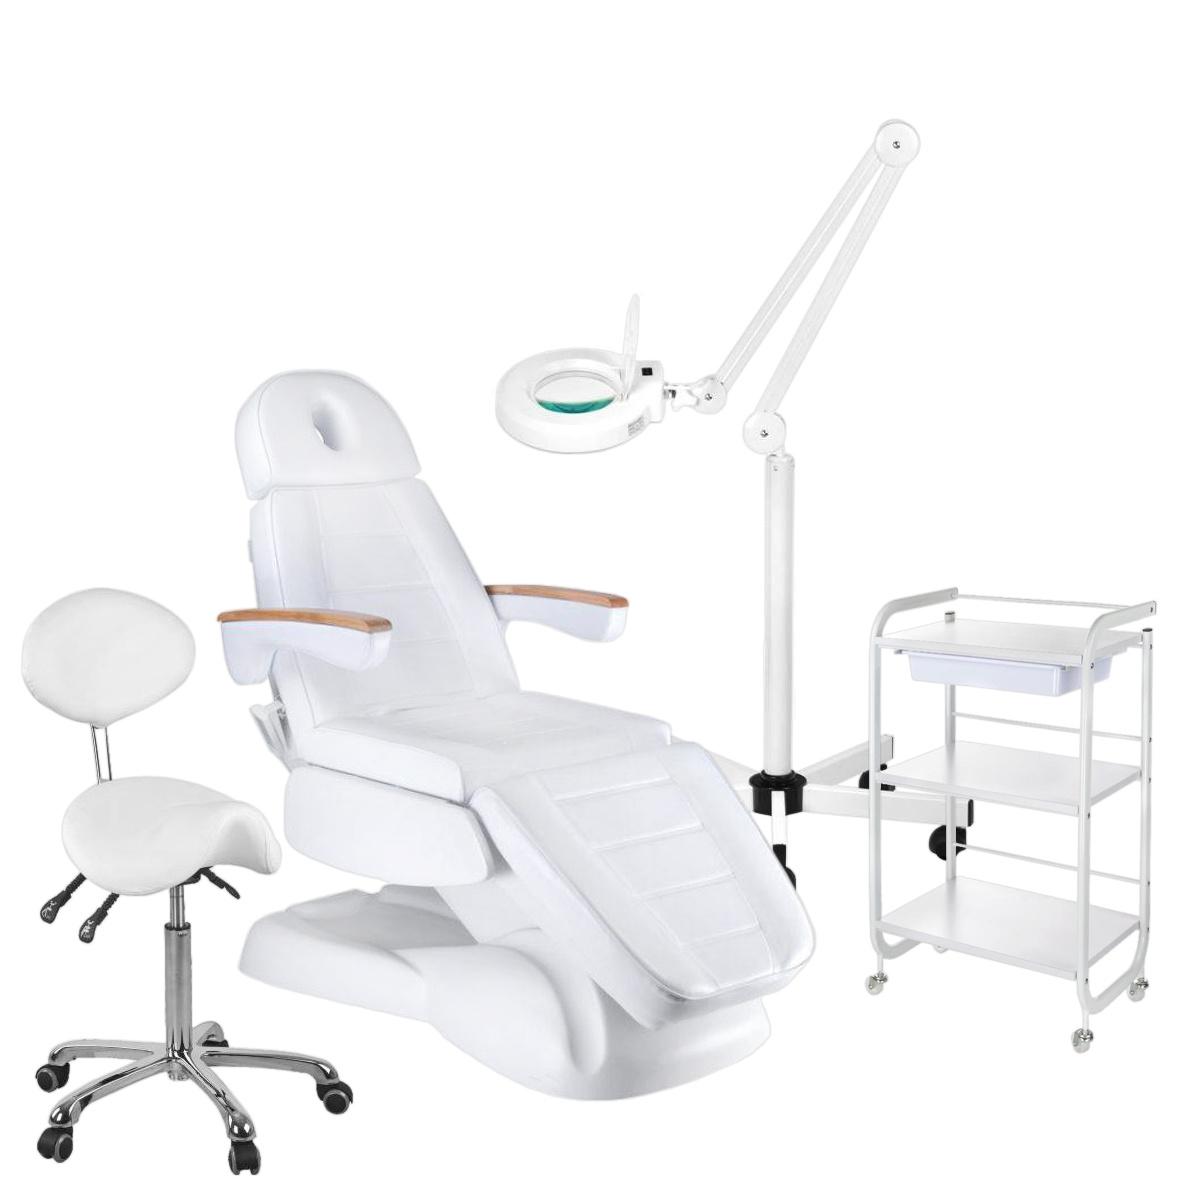 Behandelstoel,pedicurestoel startersetMegabeautyshopBeauty